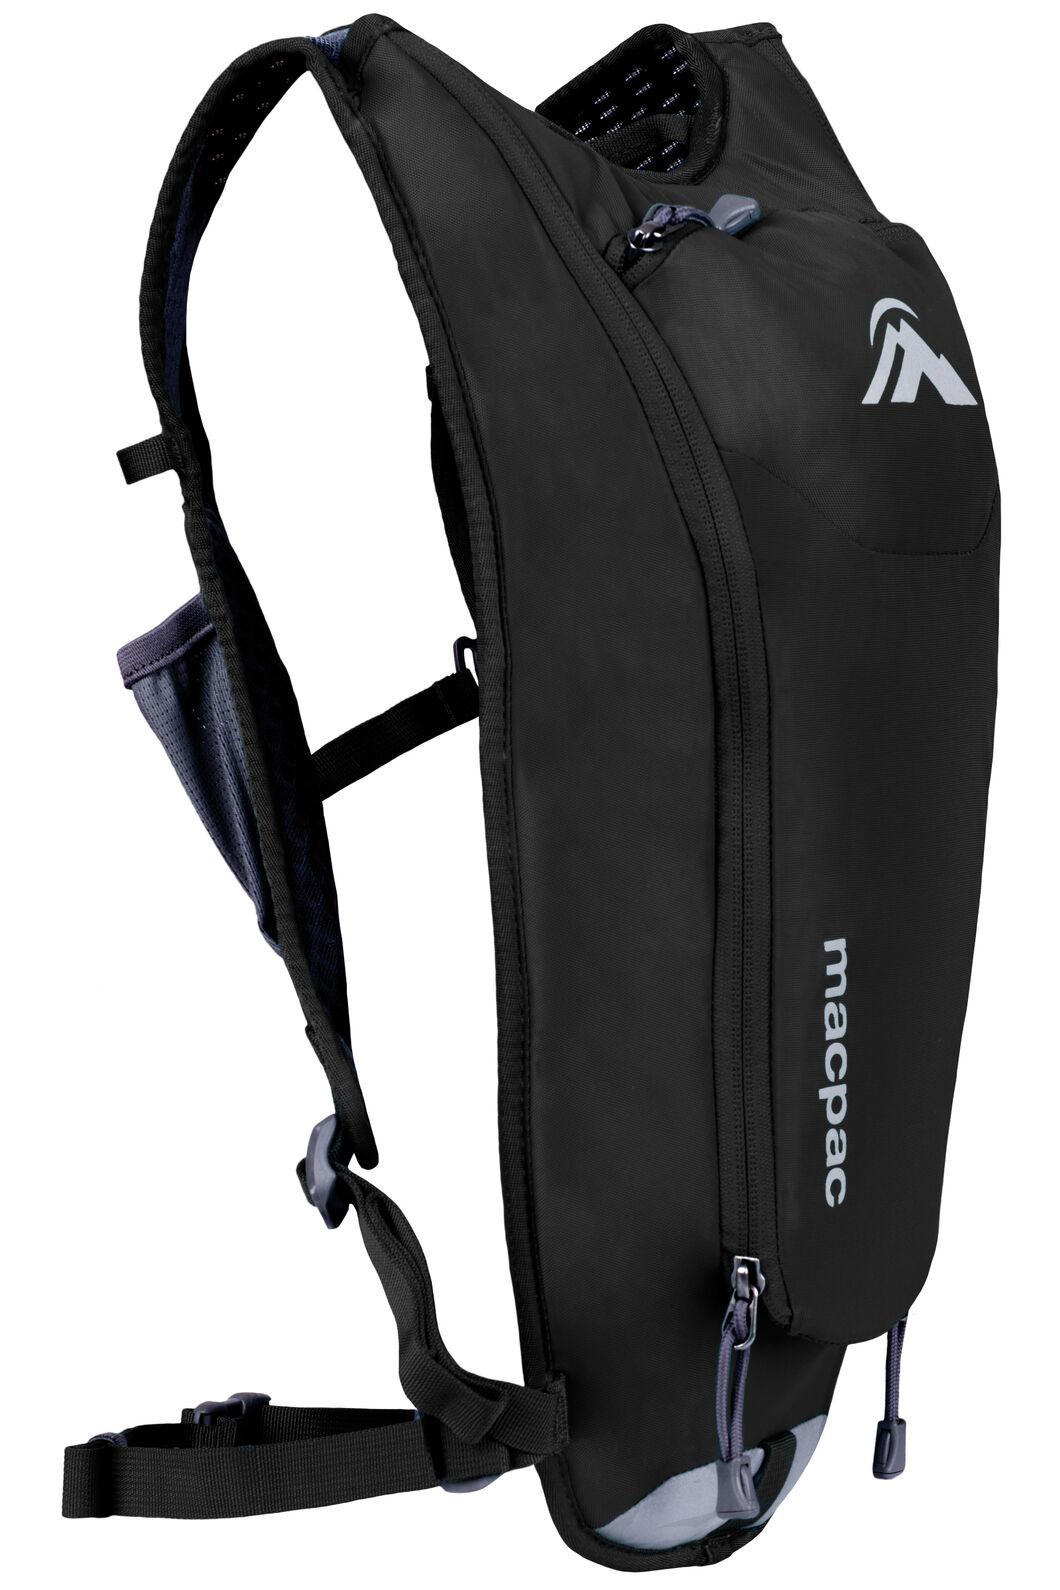 Amp H2O 2L Hydration Pack, Black, hi-res